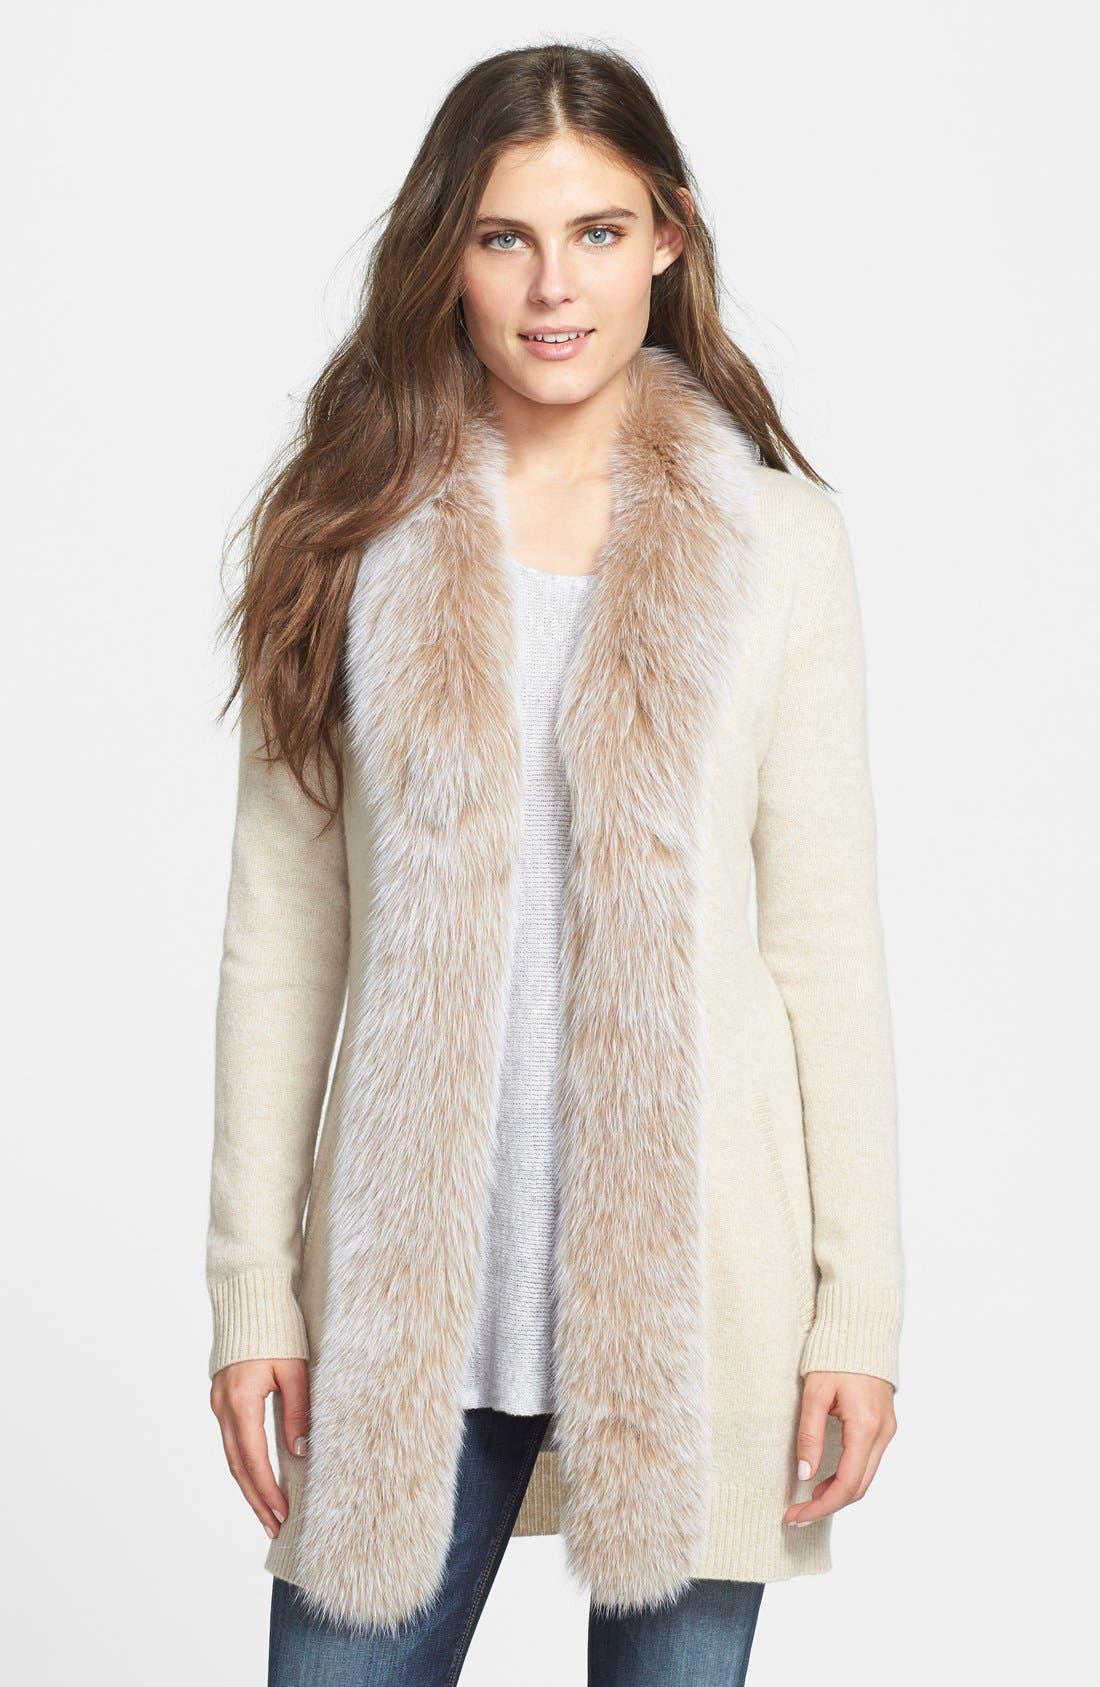 Alternate Image 1 Selected - Sofia Cashmere Genuine Fox Fur Trim Cashmere Cardigan